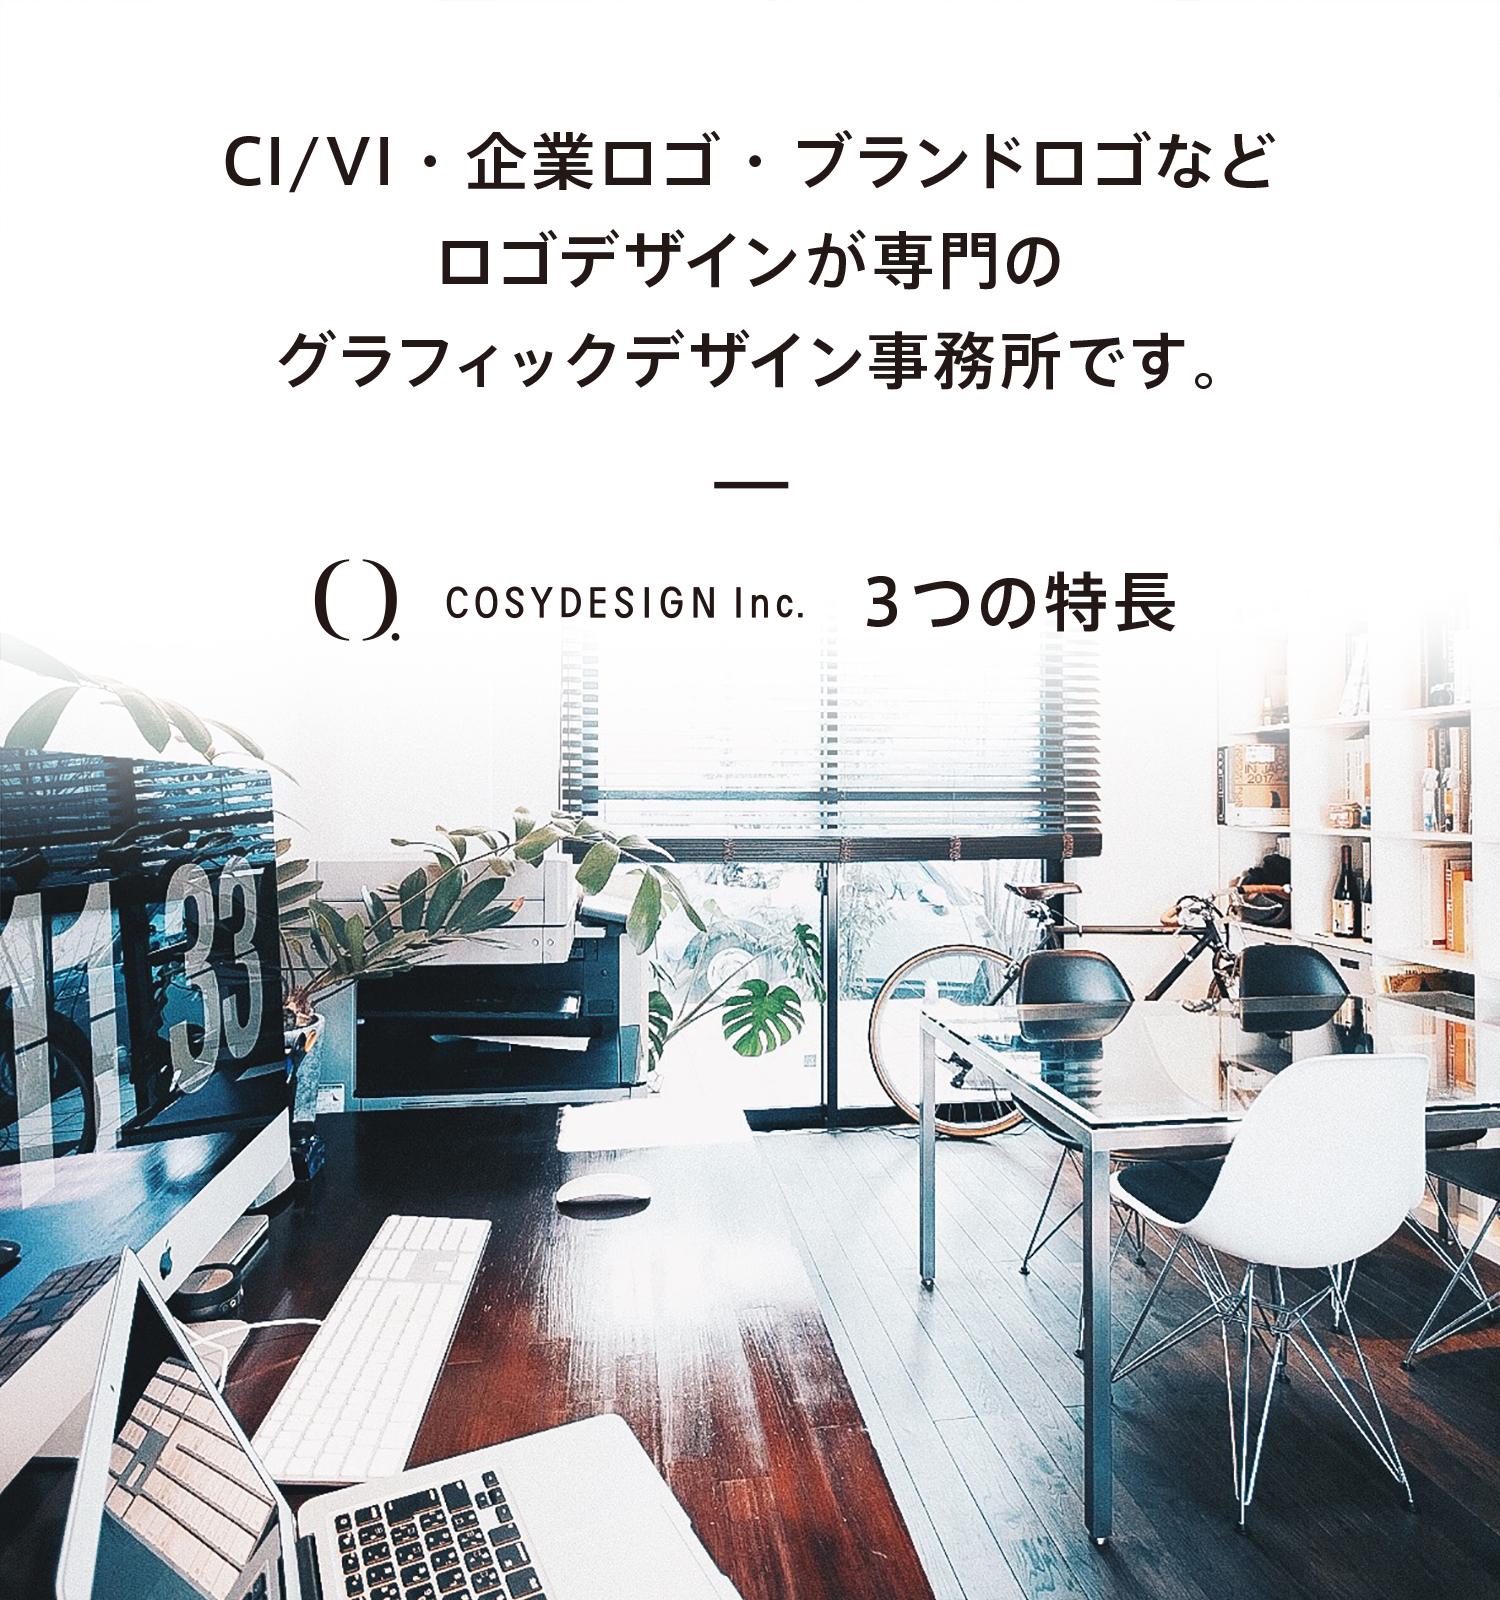 企業ロゴ,会社ロゴ,CI,VI,デザイン,制作